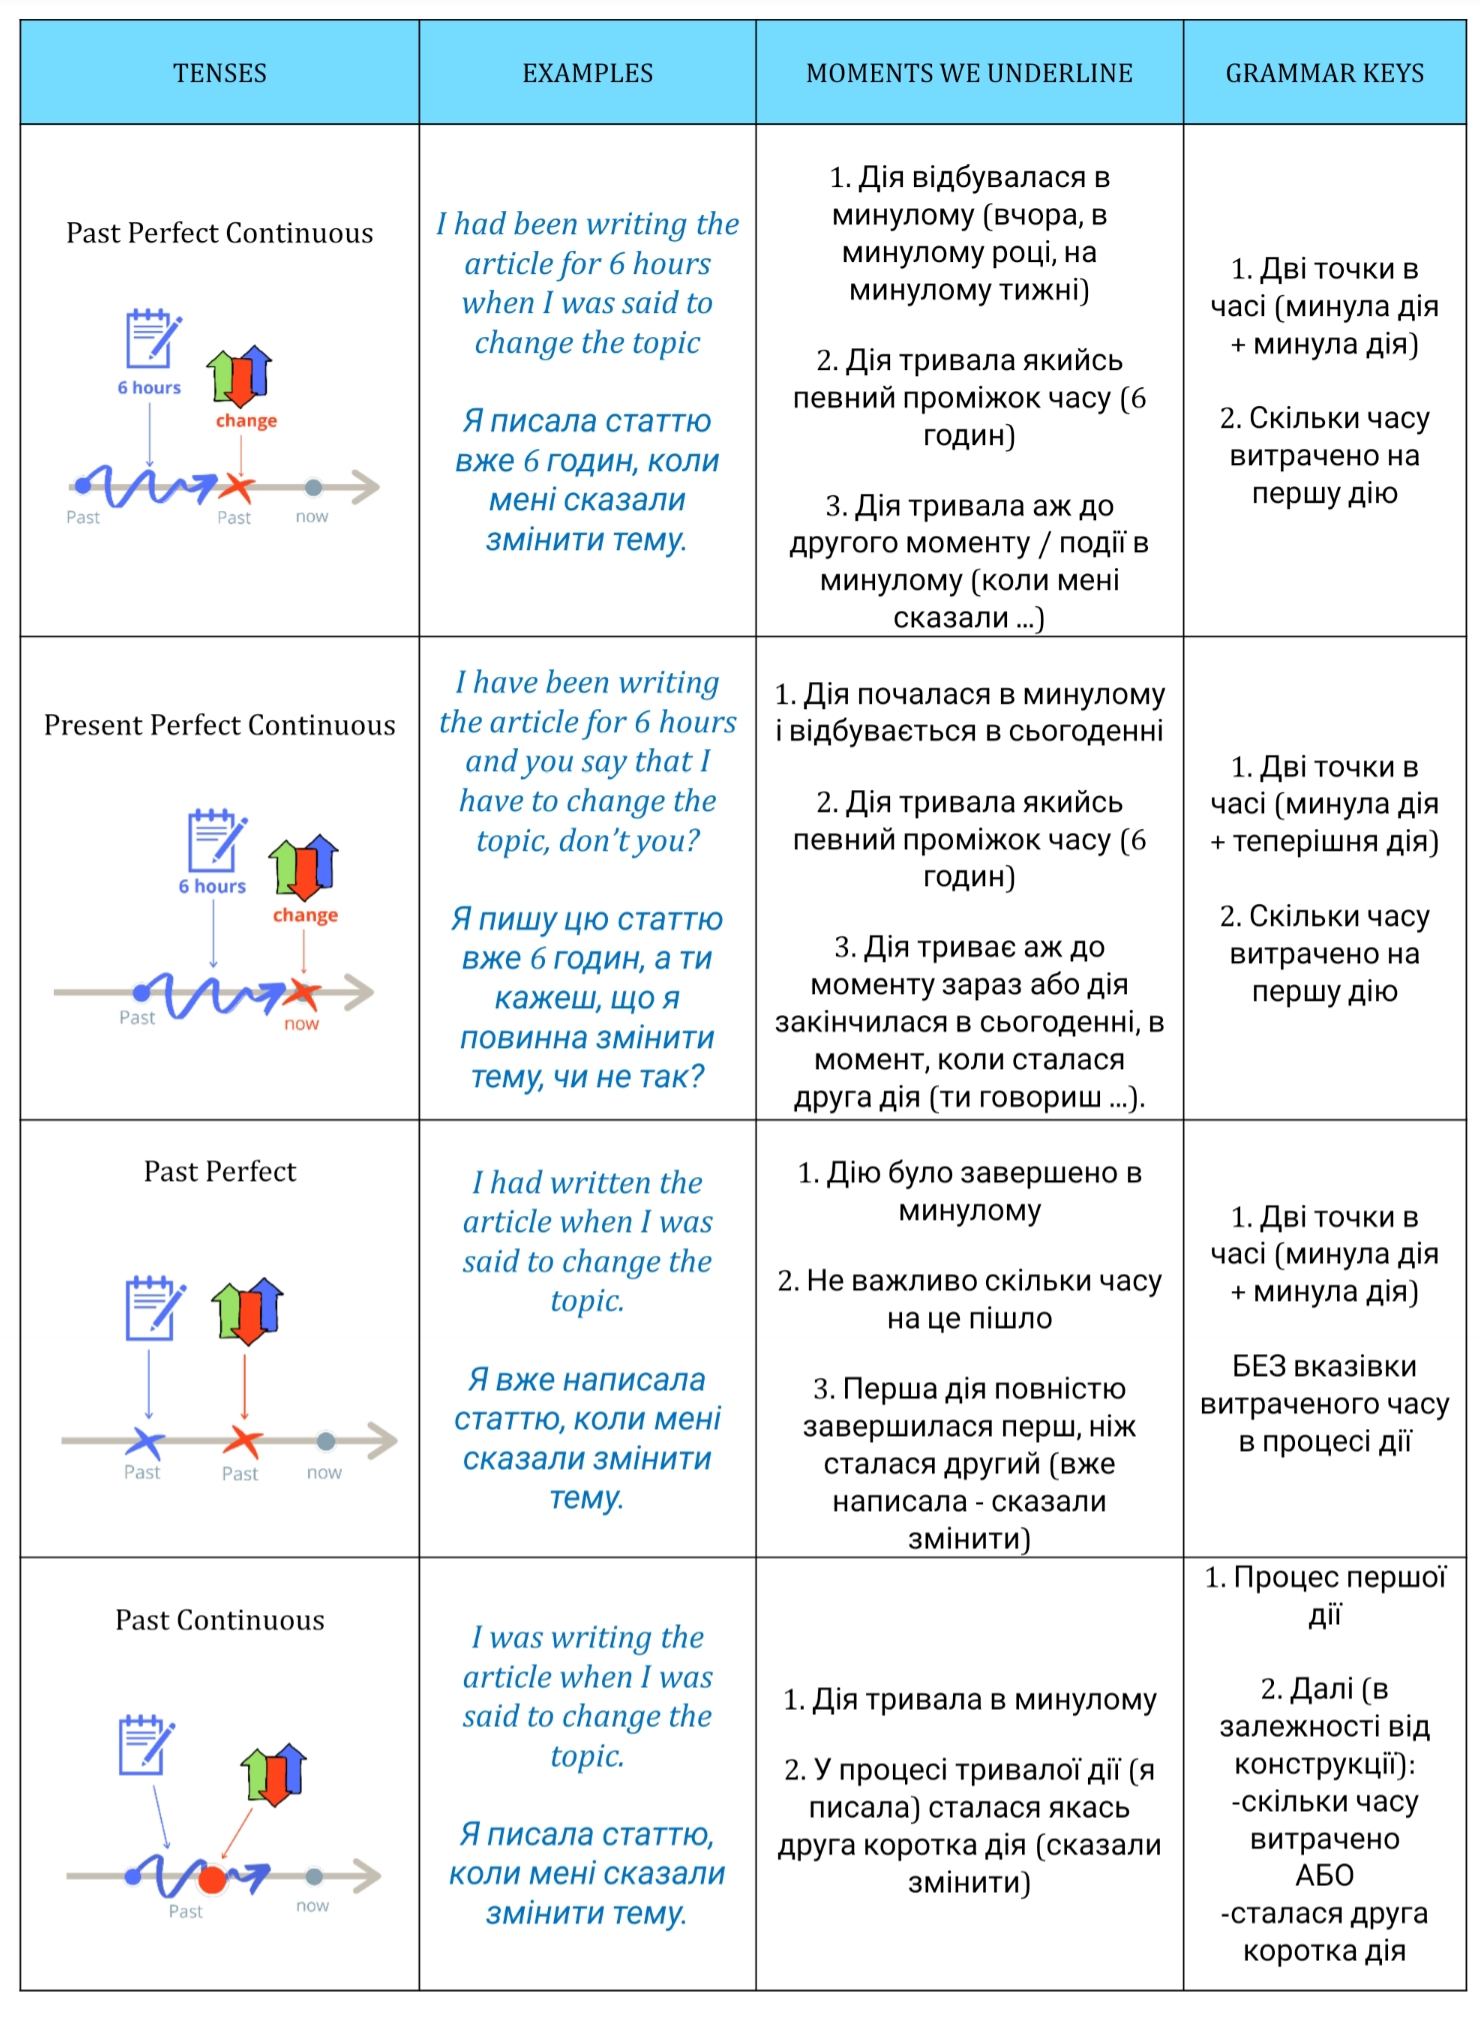 Порівняльна таблиця Past Perfect Continuous та Past Continuous